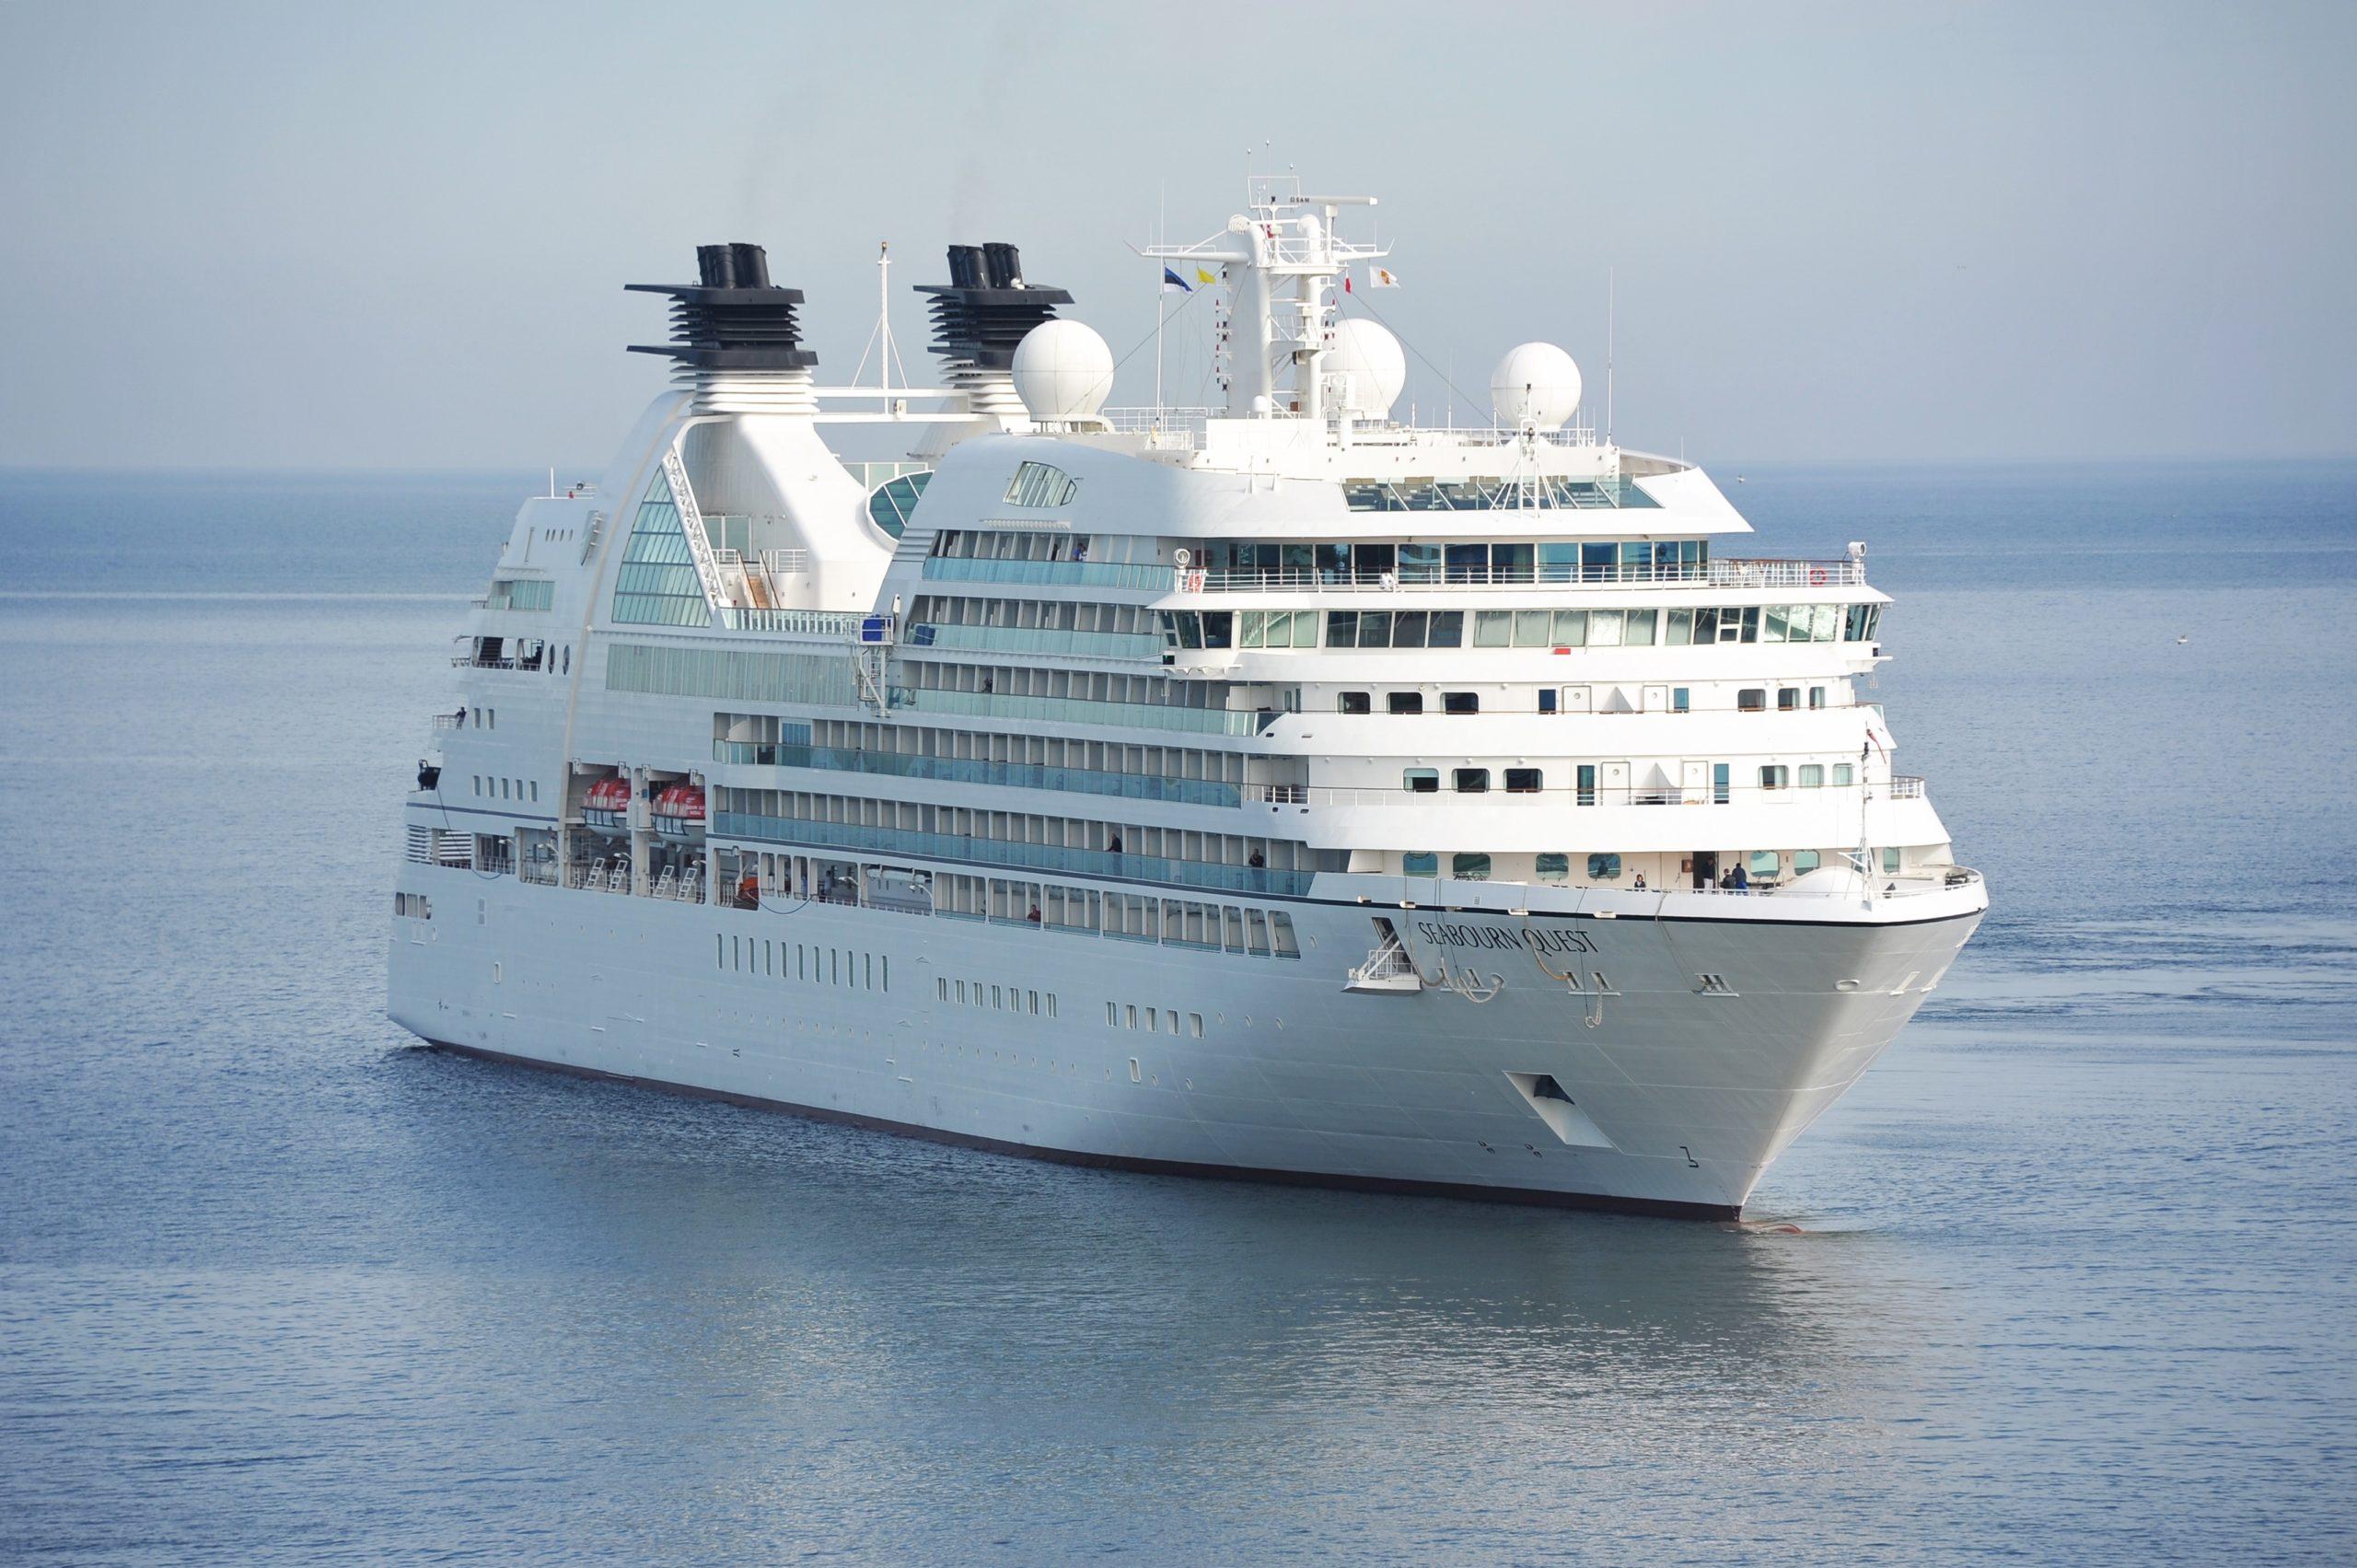 Cruceros buscan ser sostenibles, ¿es posible o solo una estrategia de marketing?